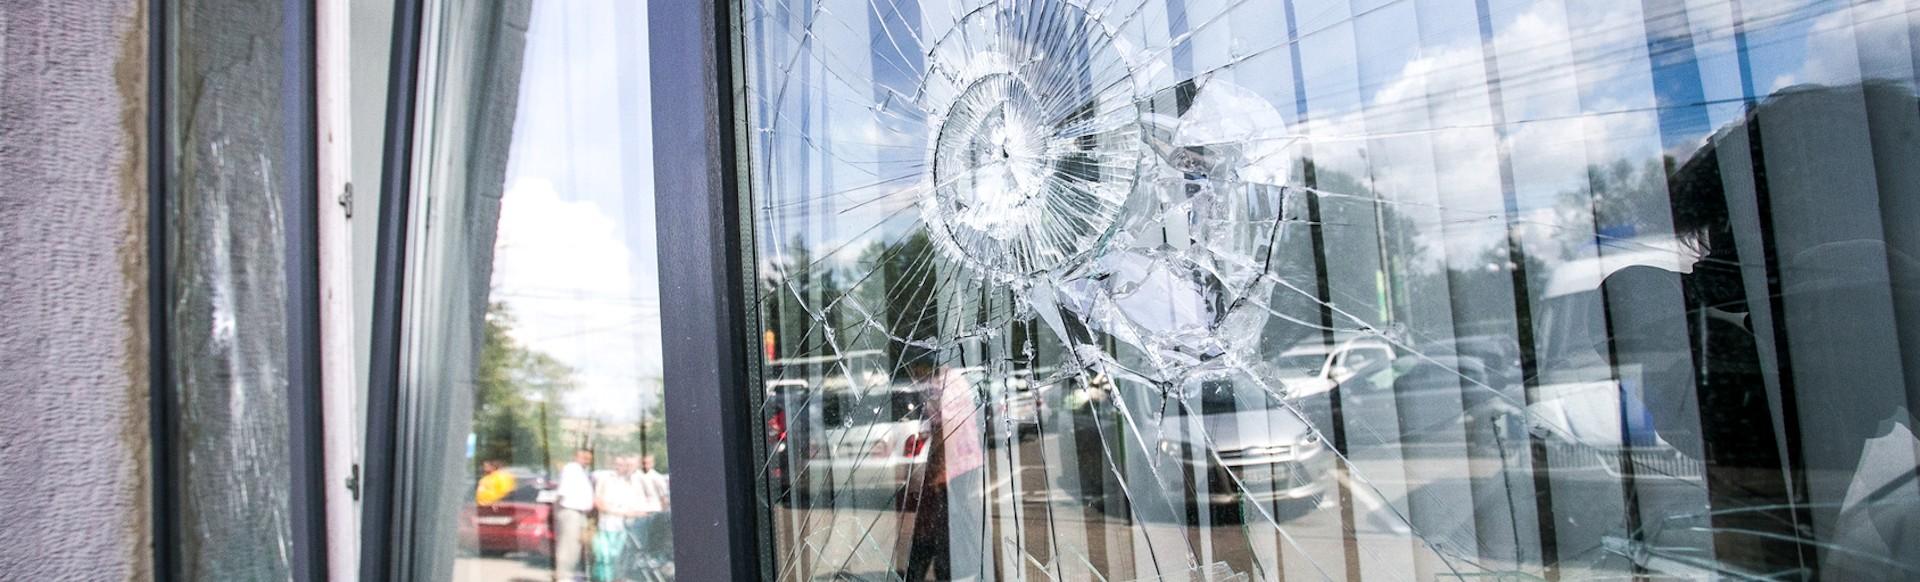 Vitrerie Toulouse, remplacement de vitrerie cassee sur Toulouse